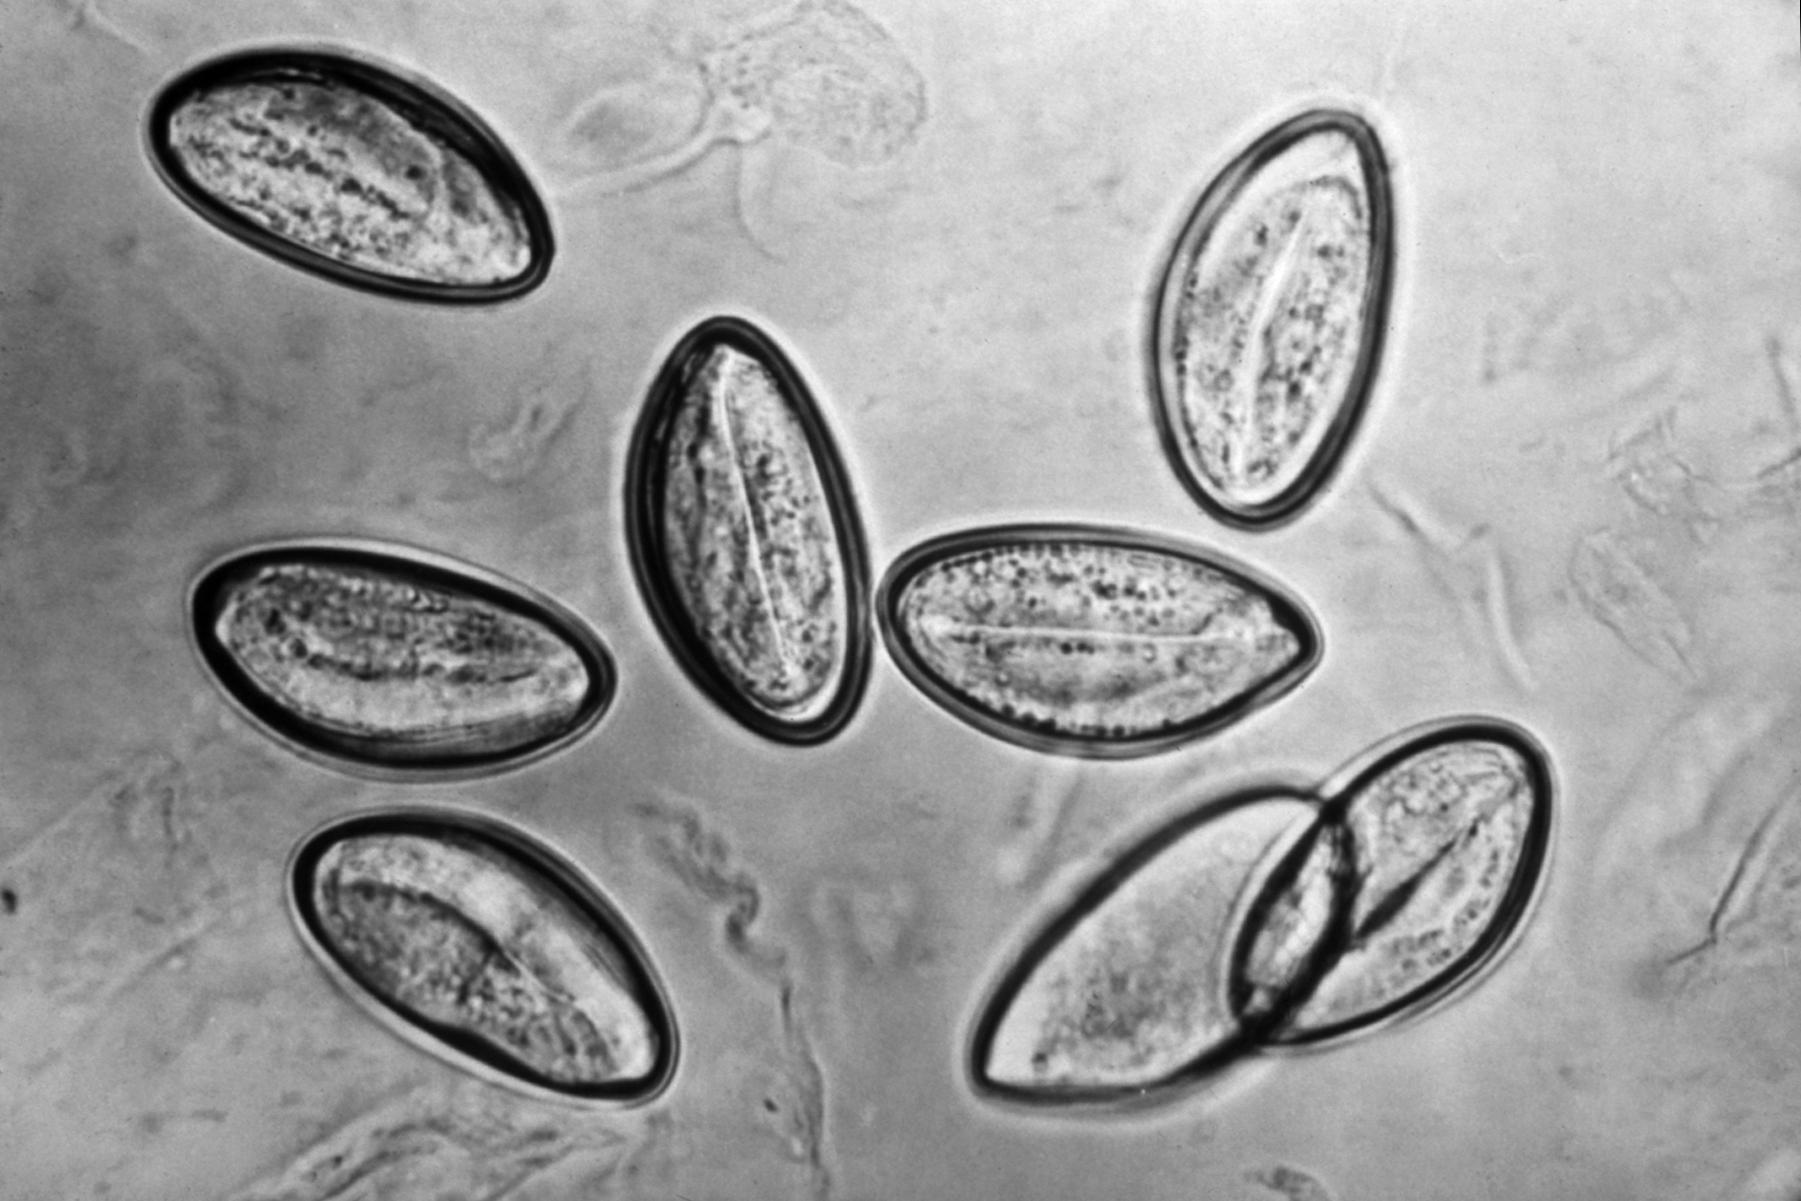 enterobius vermicularis ova